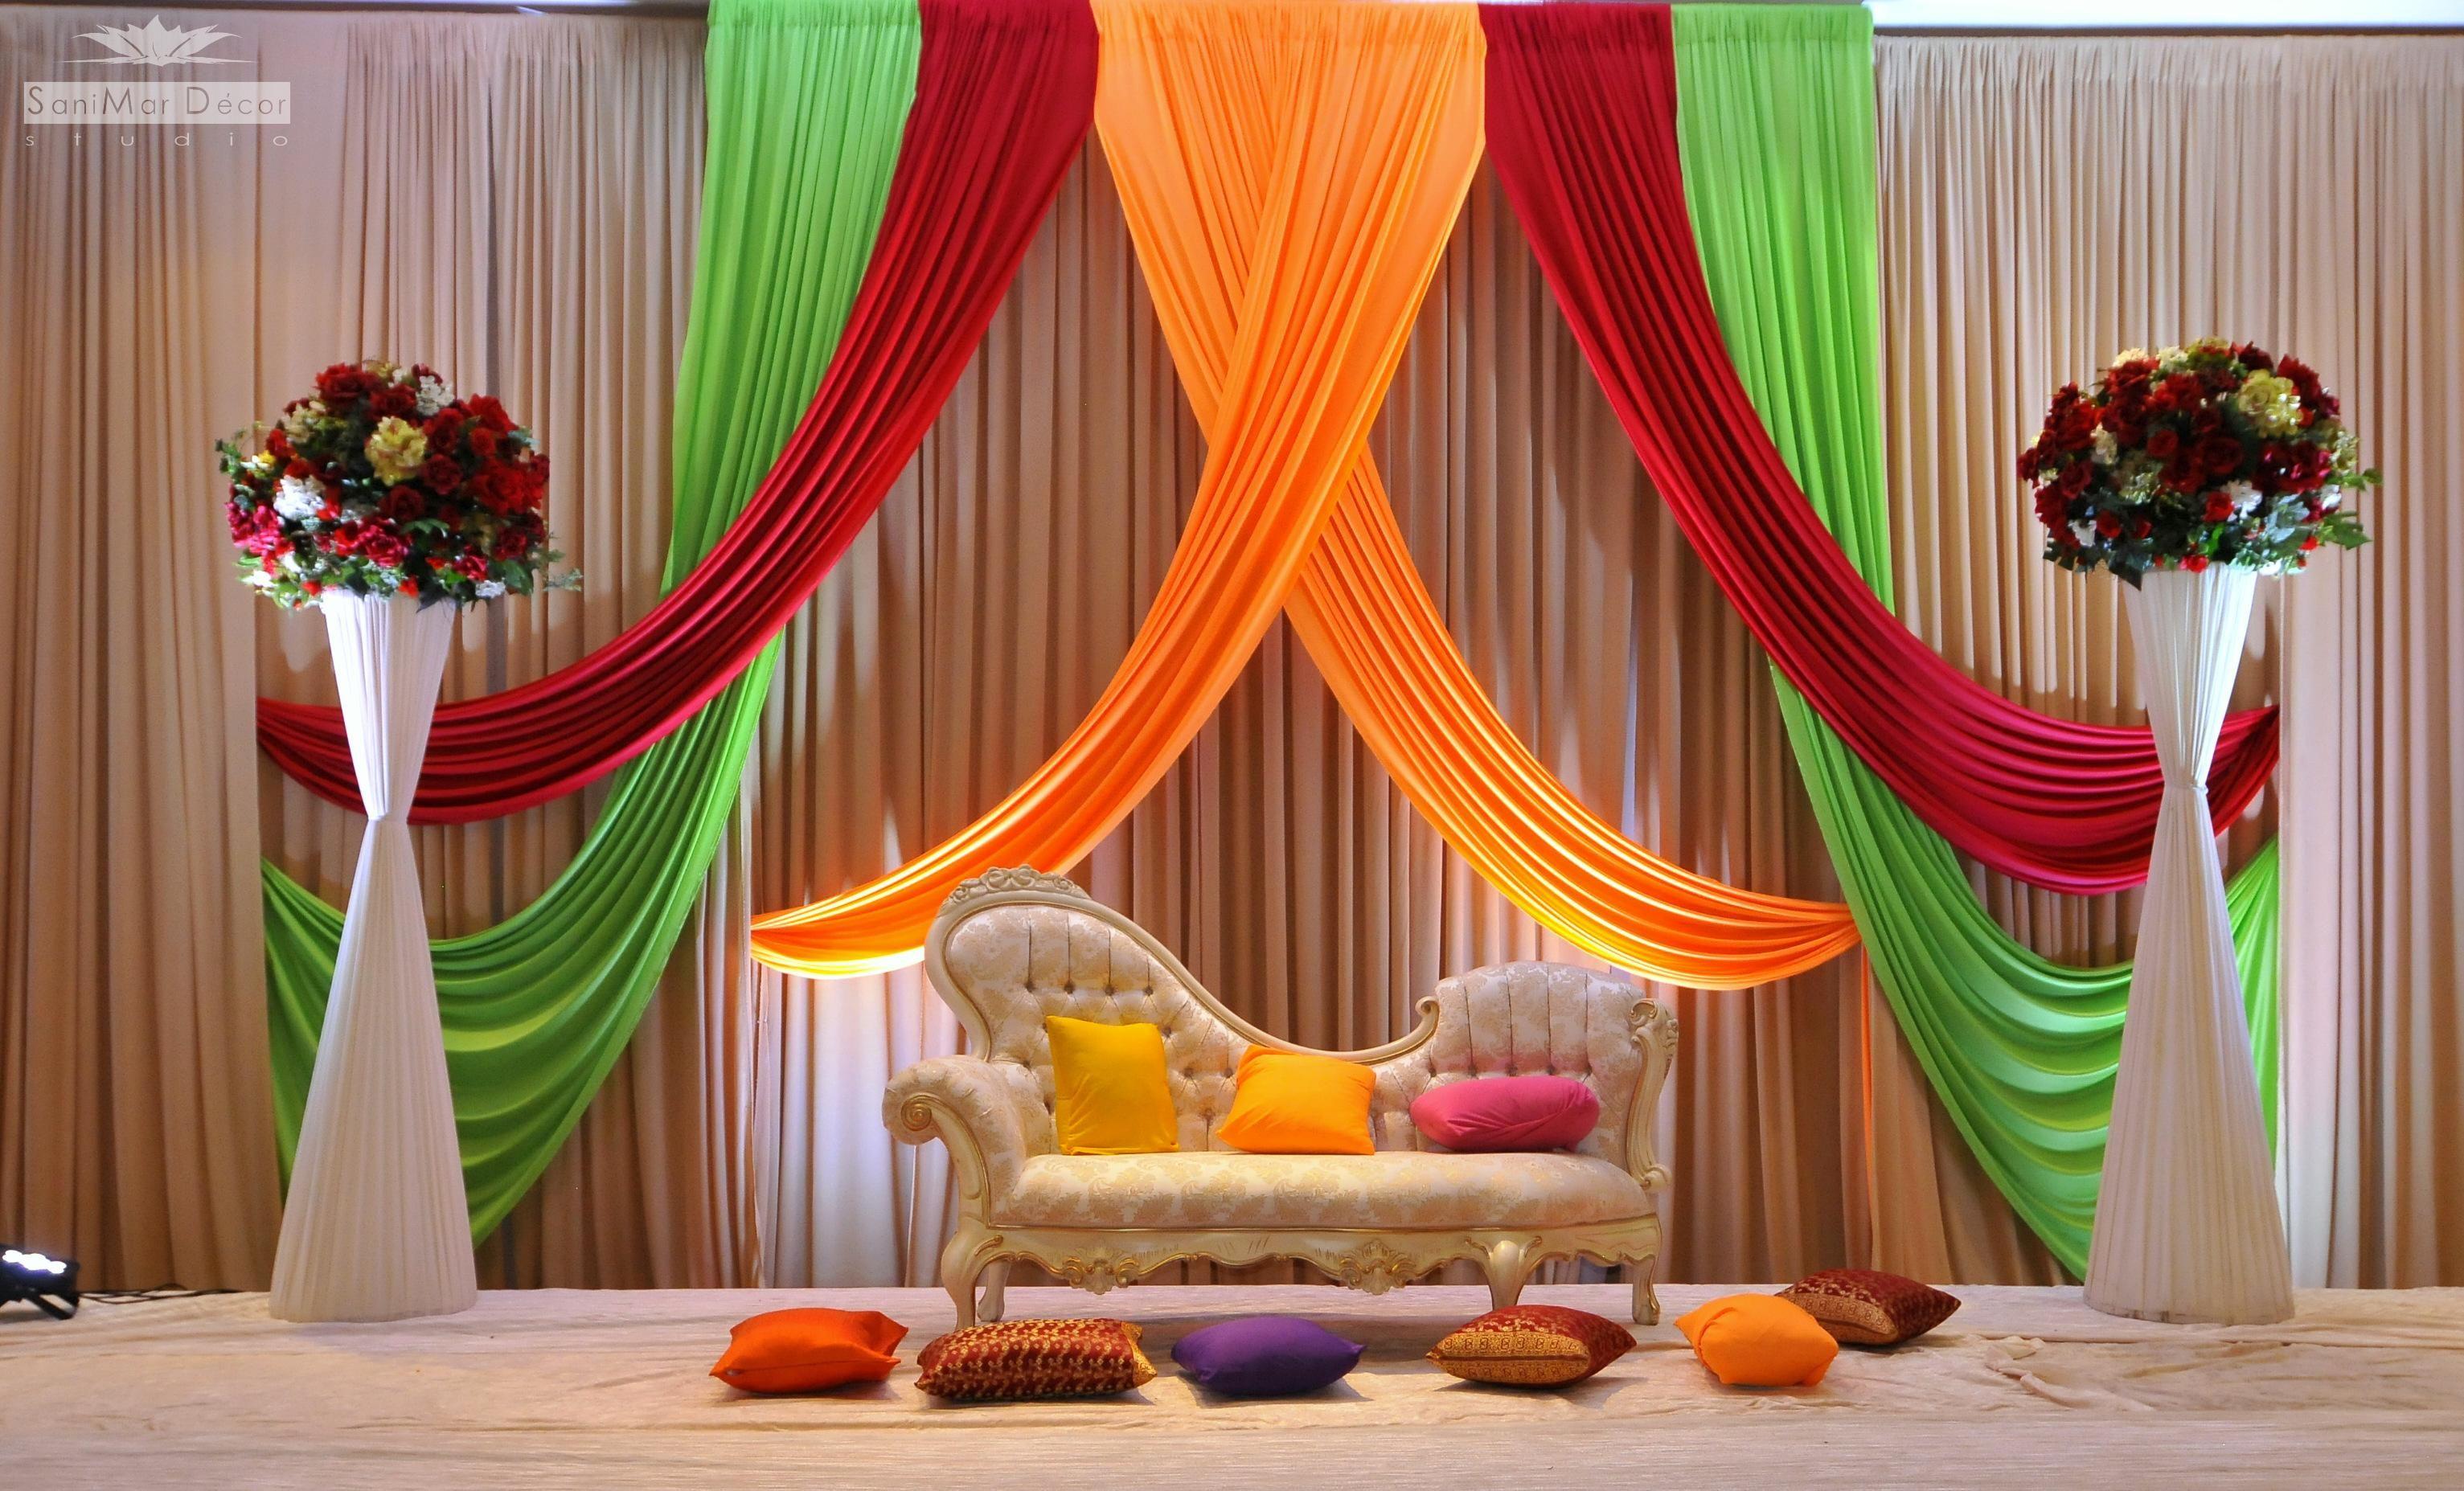 Dekorasi Pelaminan di Dalam Rumah Elegan